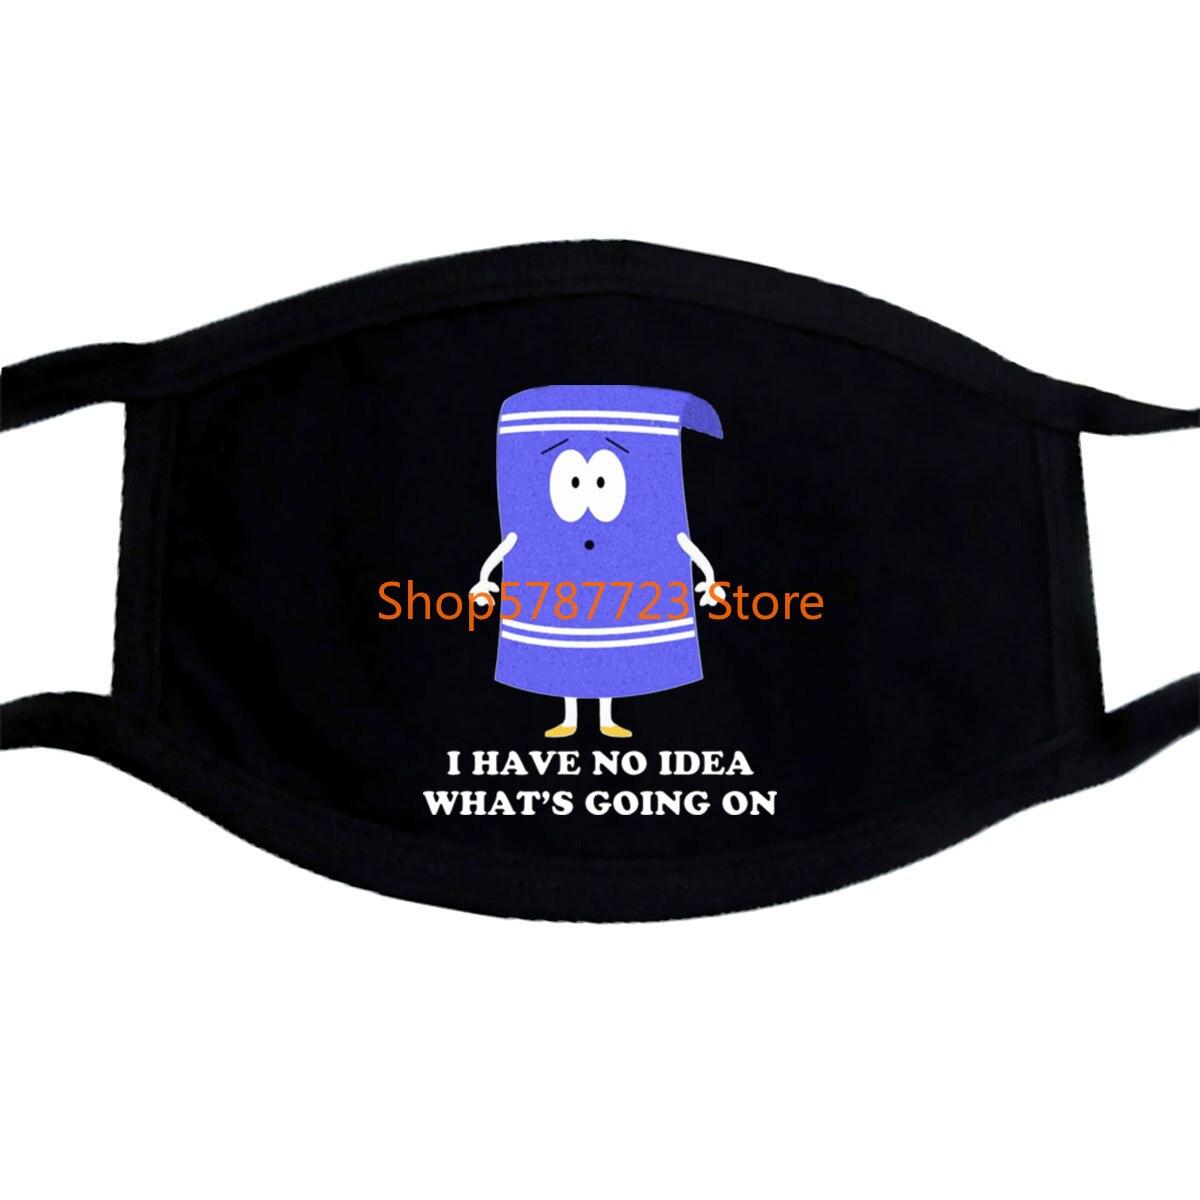 Southpark Towelie No Idea Mask Men